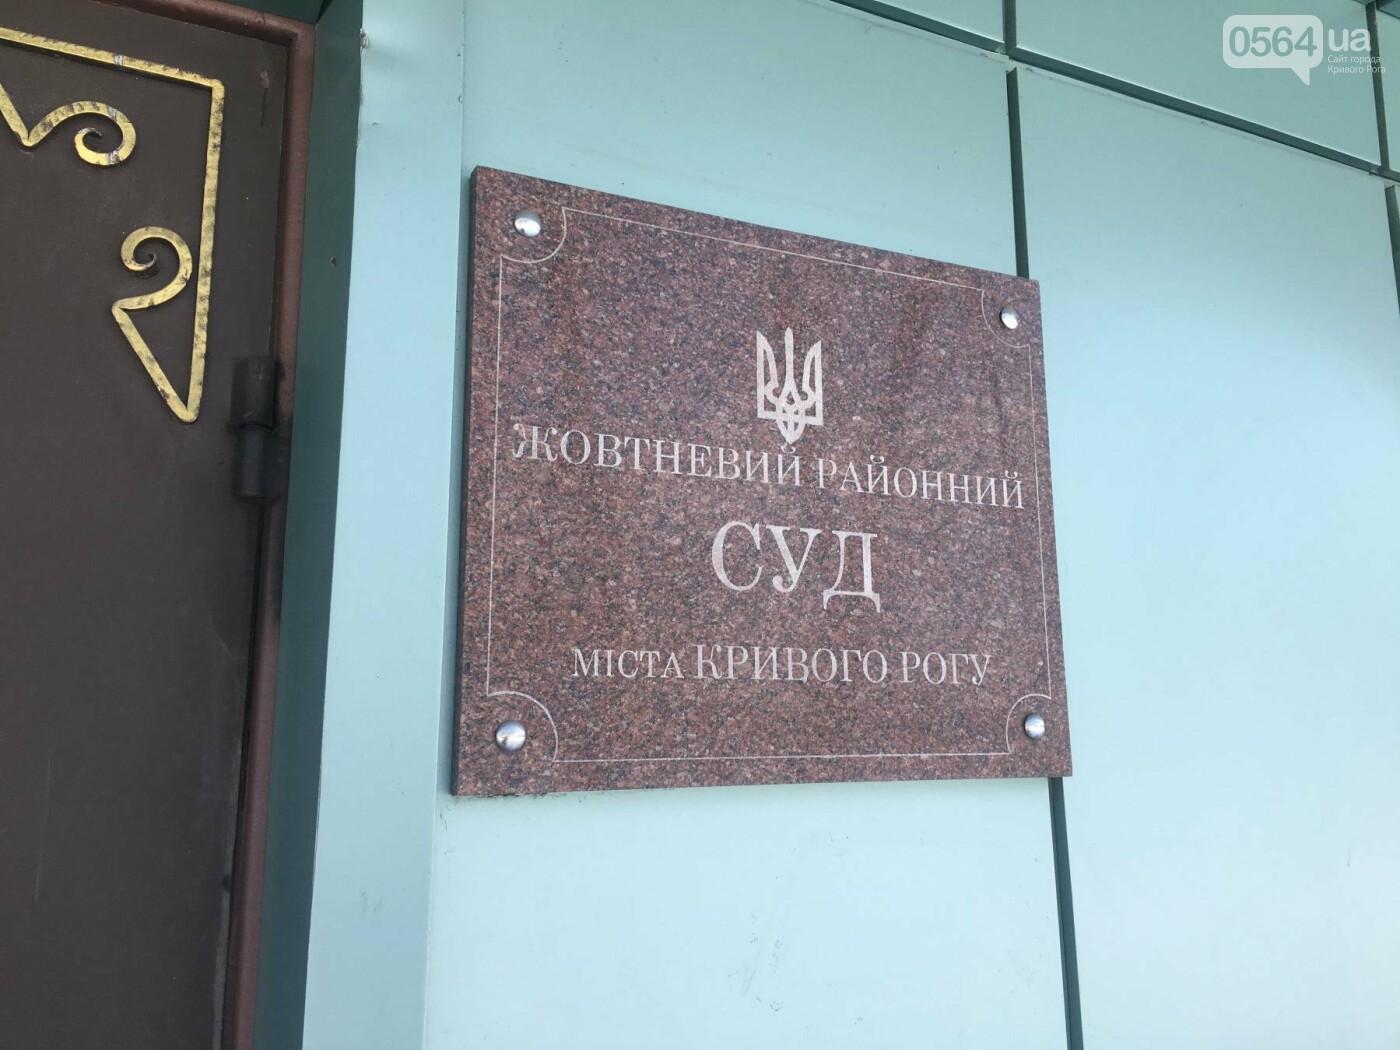 Активисты заявили о травле мамы и ее ребенка в криворожской школе (ФОТО), фото-11